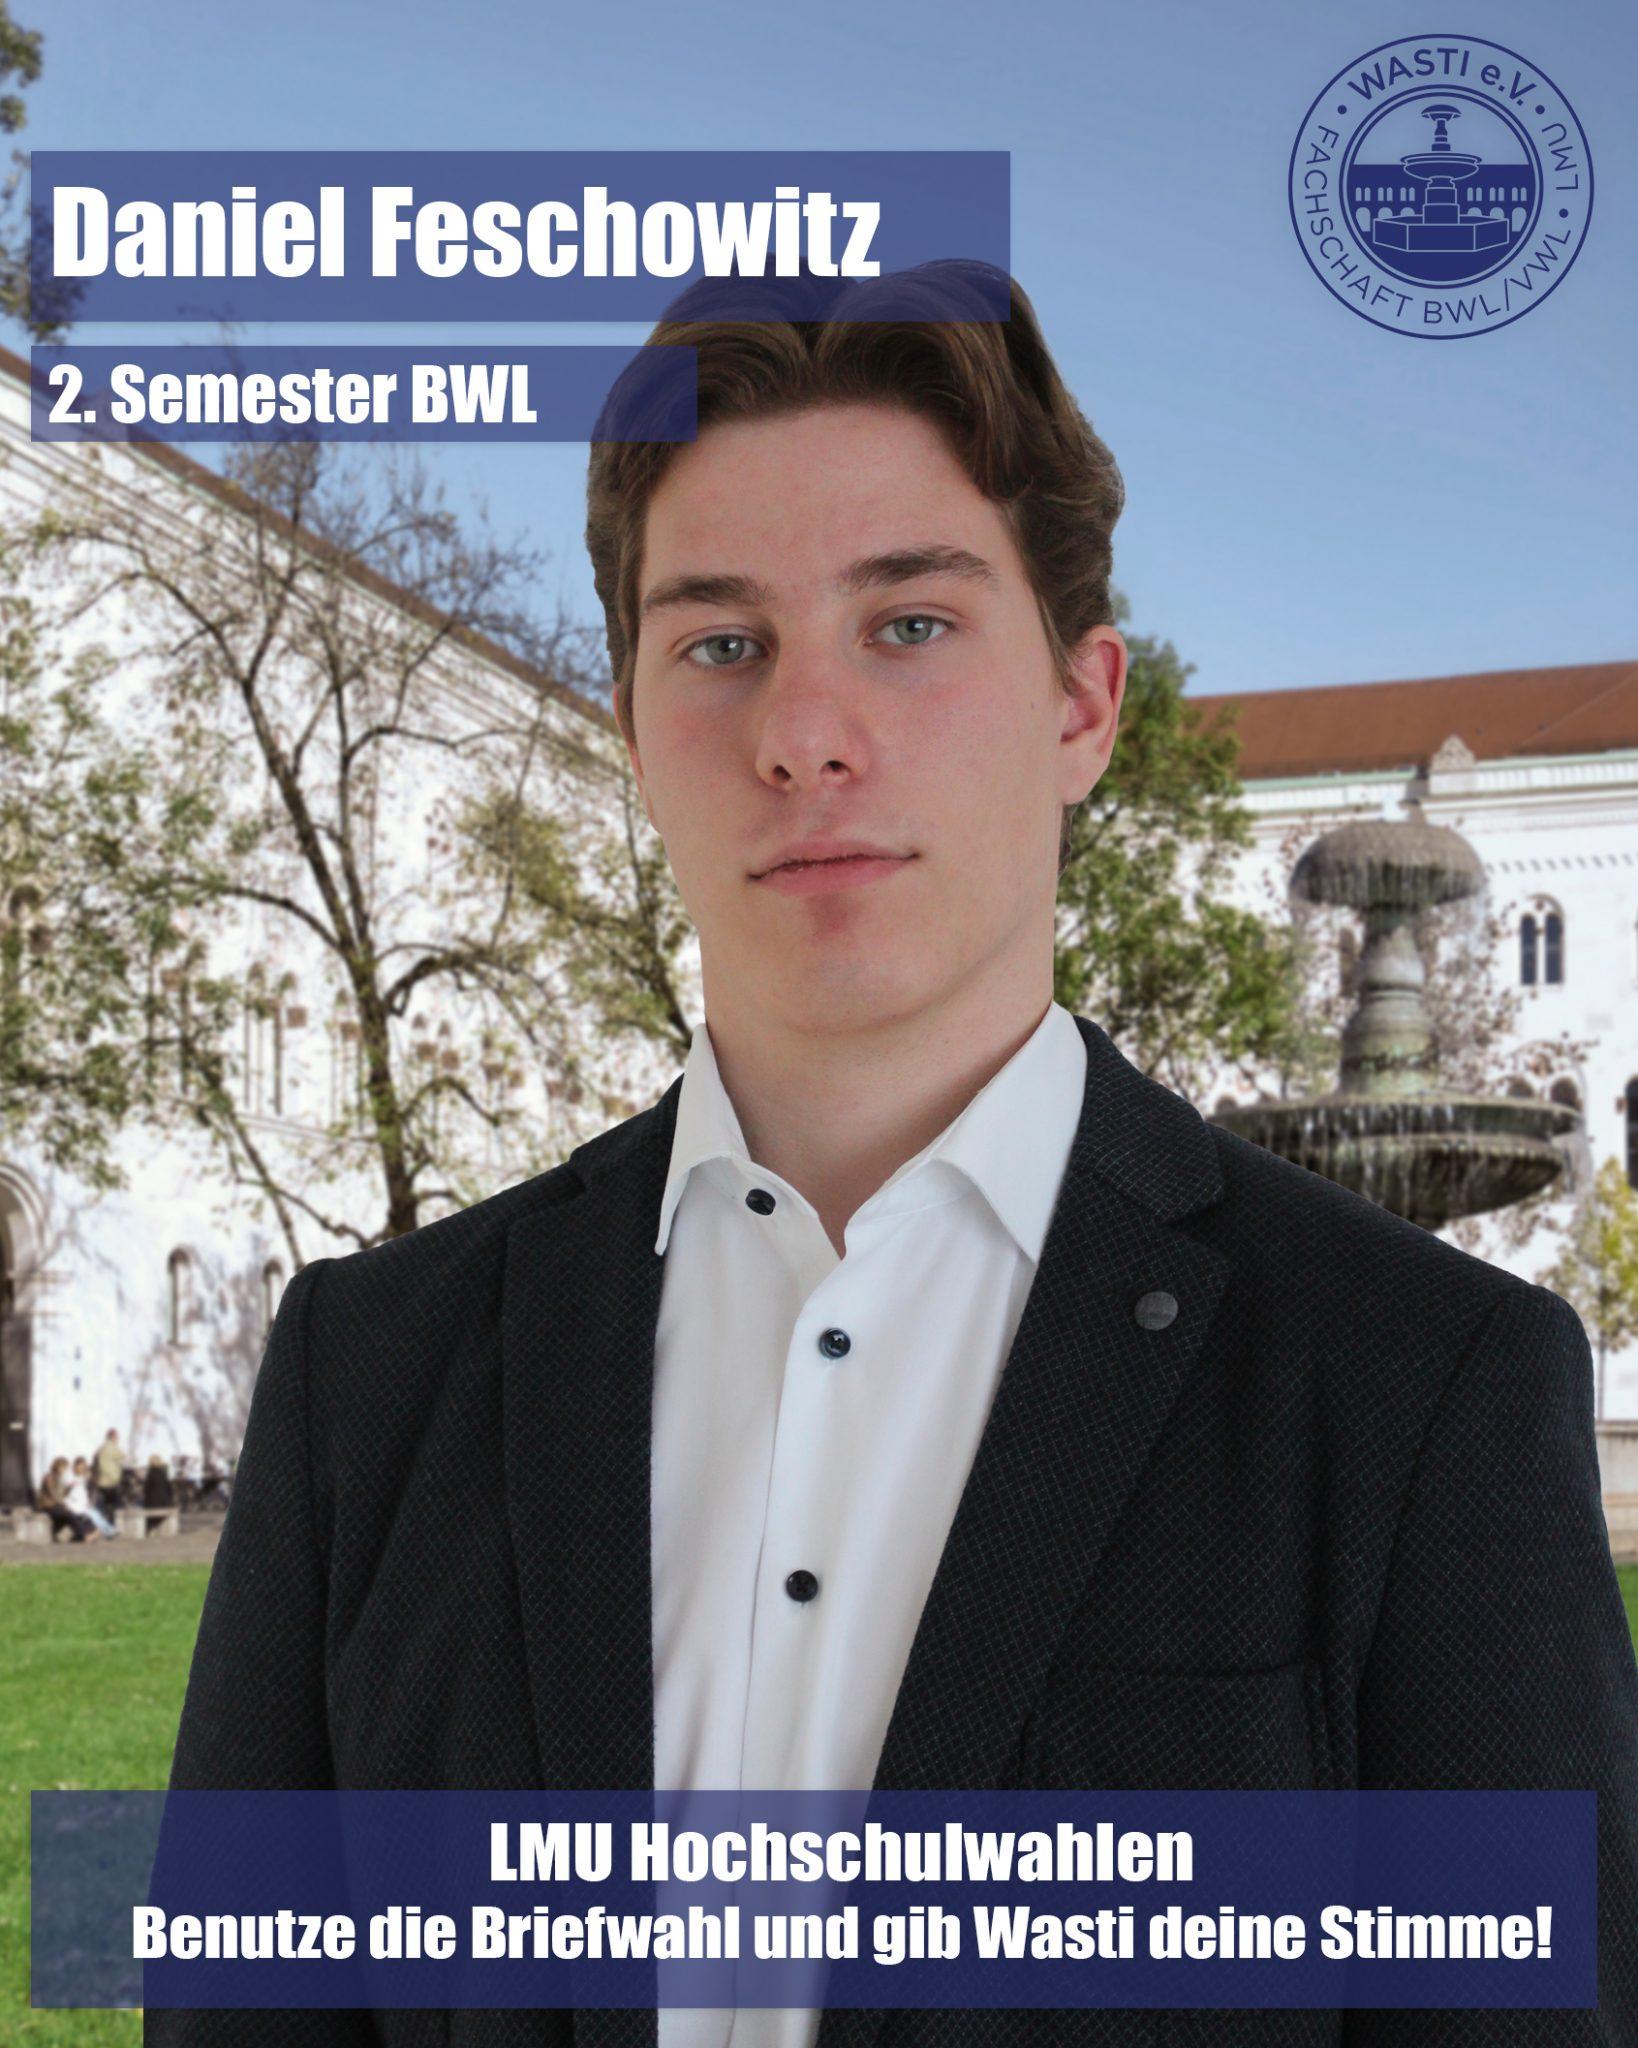 Hochschulwahlen 14